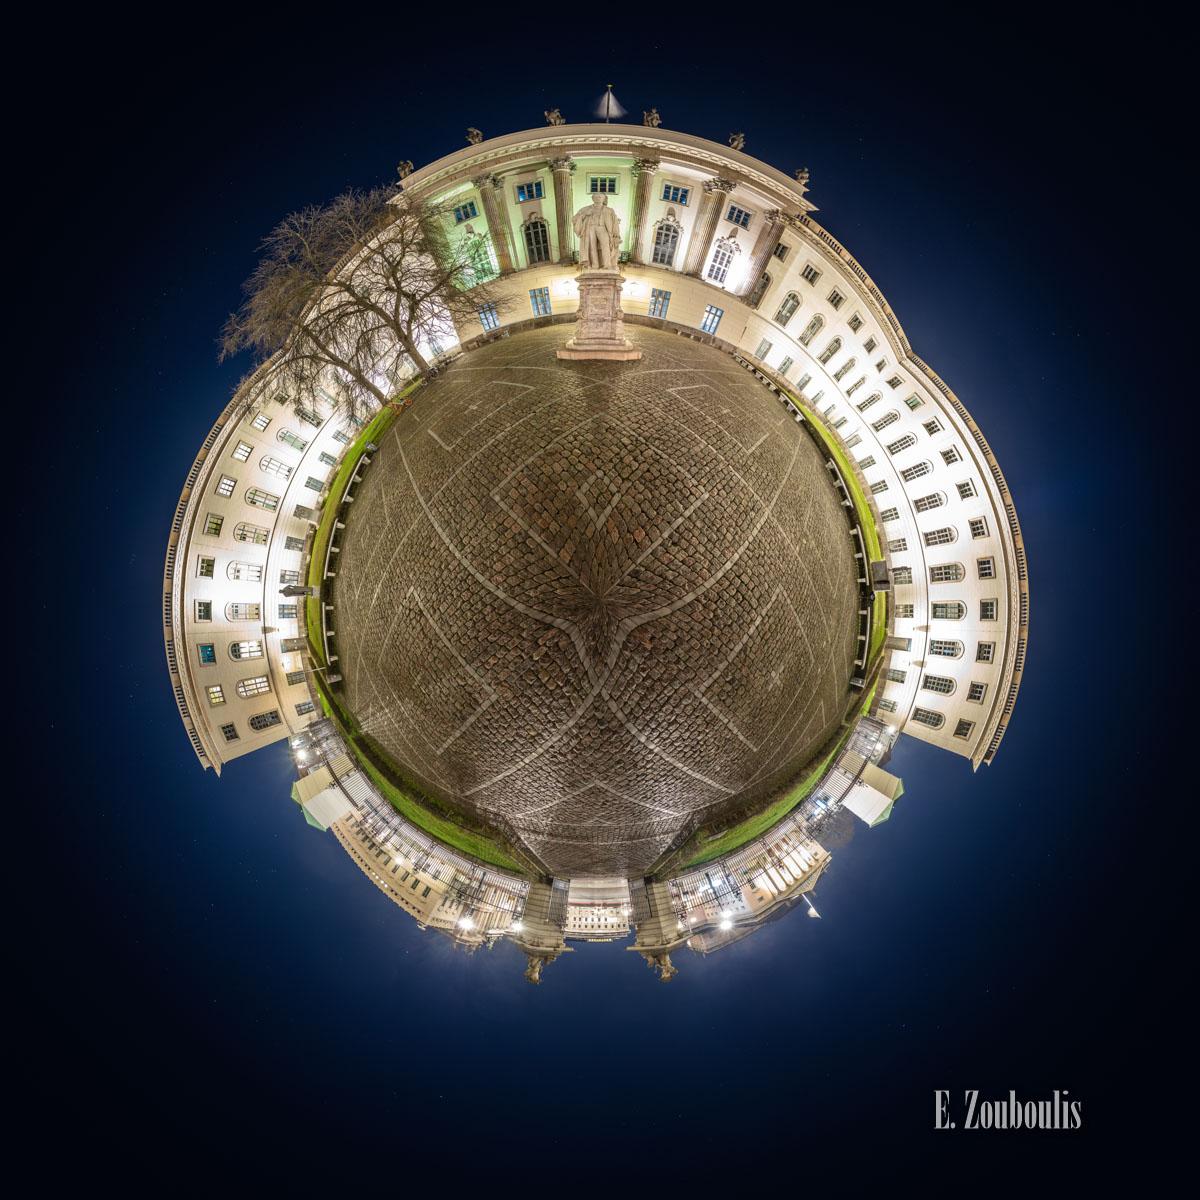 Berlin - Die Eule - Kleiner Planet von der Humboldt Universität Berlin bei Nacht